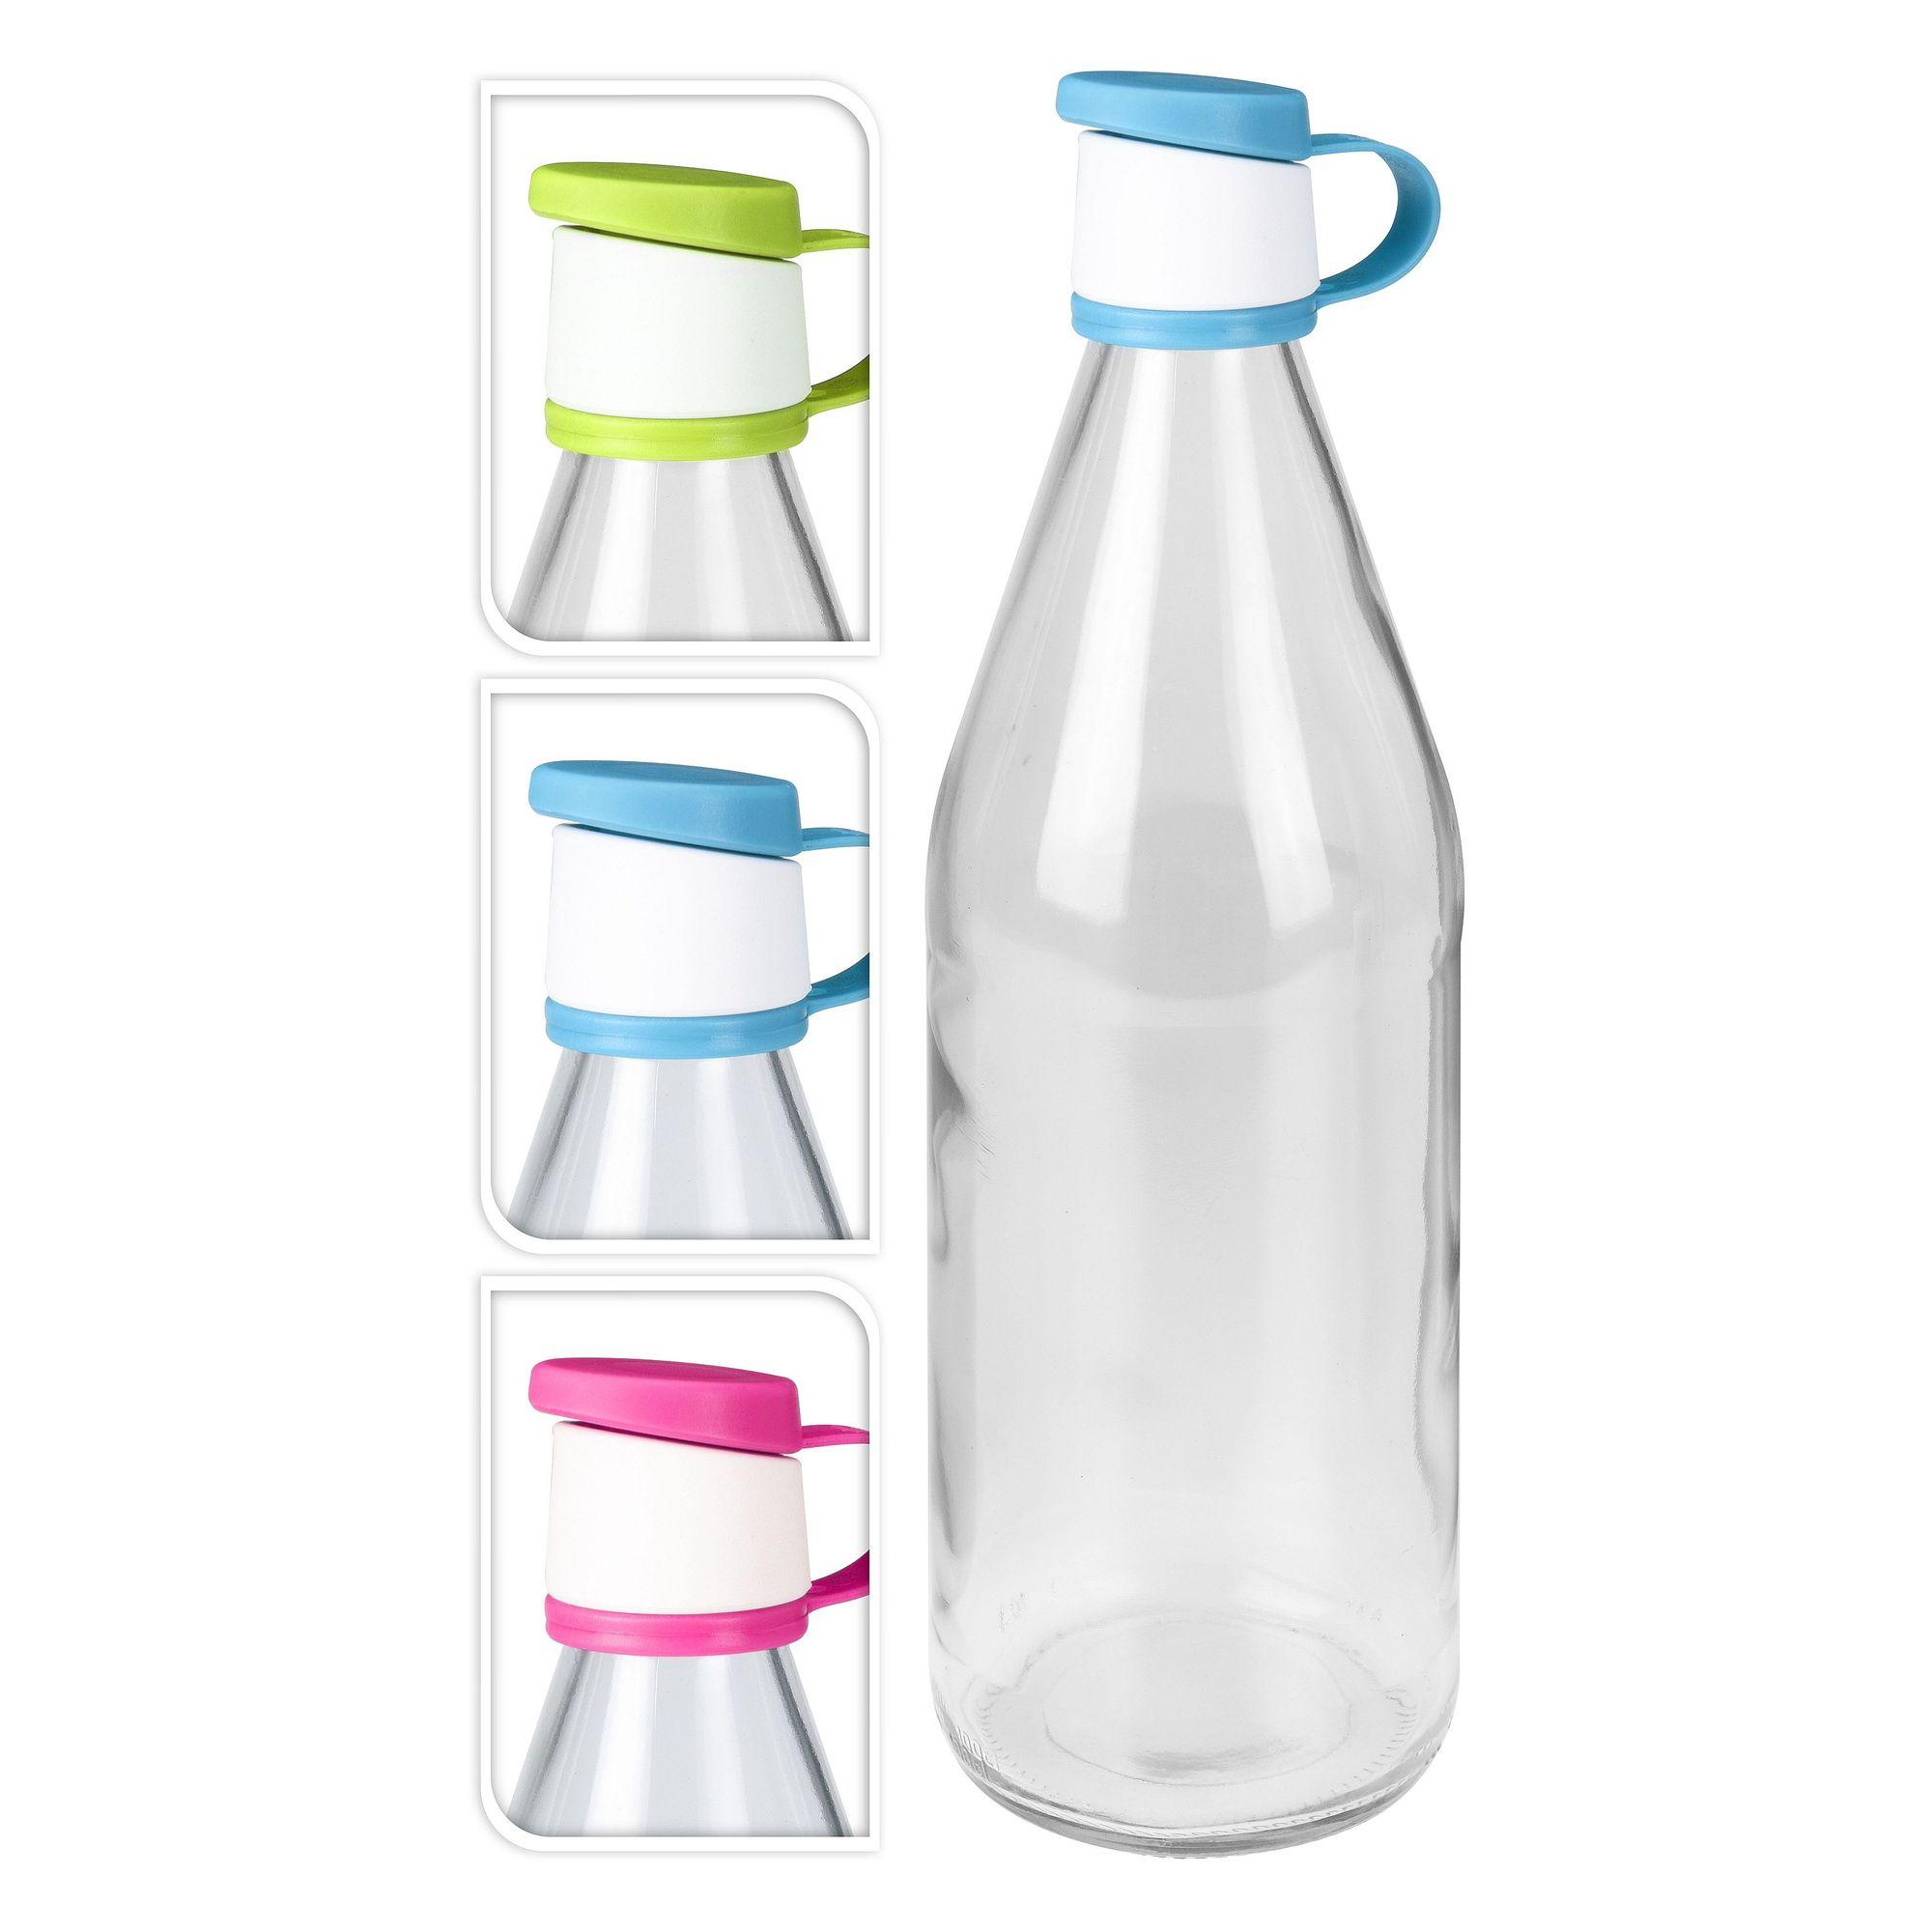 Бутылка 1 л. в ассортиментеБутылка прозрачная популярного бренда Экселлент Хаусвеар необходима в доме каждой хозяйки. Изделие с устойчивым дном изготовлено из прочного стекла, оснащено герметично откидывающейся пластиковой крышкой, благодаря чему внутри сохраняется герметичность, и содержимое дольше остается свежим.Просто. Выгодно. Удобно.Бутылка оснащена специальным клапаном, который полностью исключает вытекание жидкости. Она легка в использовании, гигиенична, проста в уходе. Бутылку можно использовать как для транспортировки жидкости, так и для сервировки стола. Практичное изделие легко моется как под краном, так и в посудомоечной машине. Бутылку прозрачную марки Экселлент Хаусвеар вы сможете найти на сайте магазина Cookhouse и выбрать любой удобный для вас способ покупки.<br>